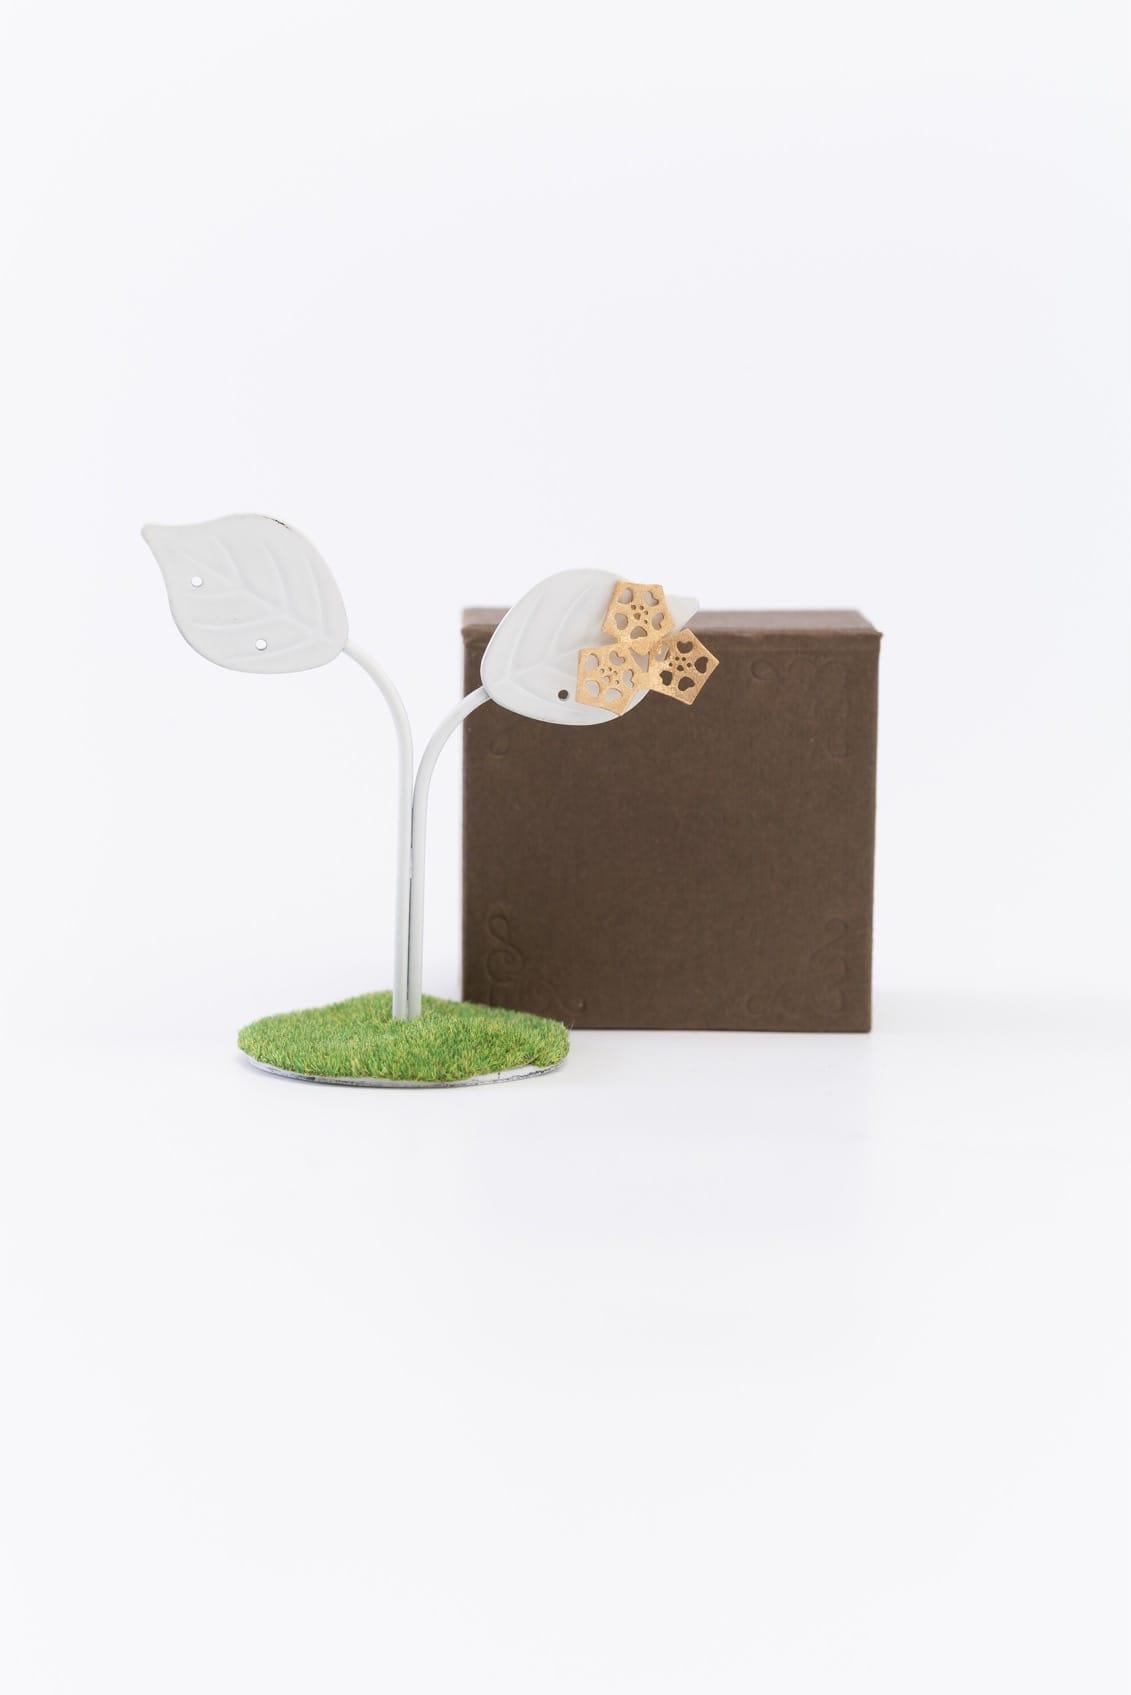 オクラ3個ピンブローチ(金)箱付きイメージ